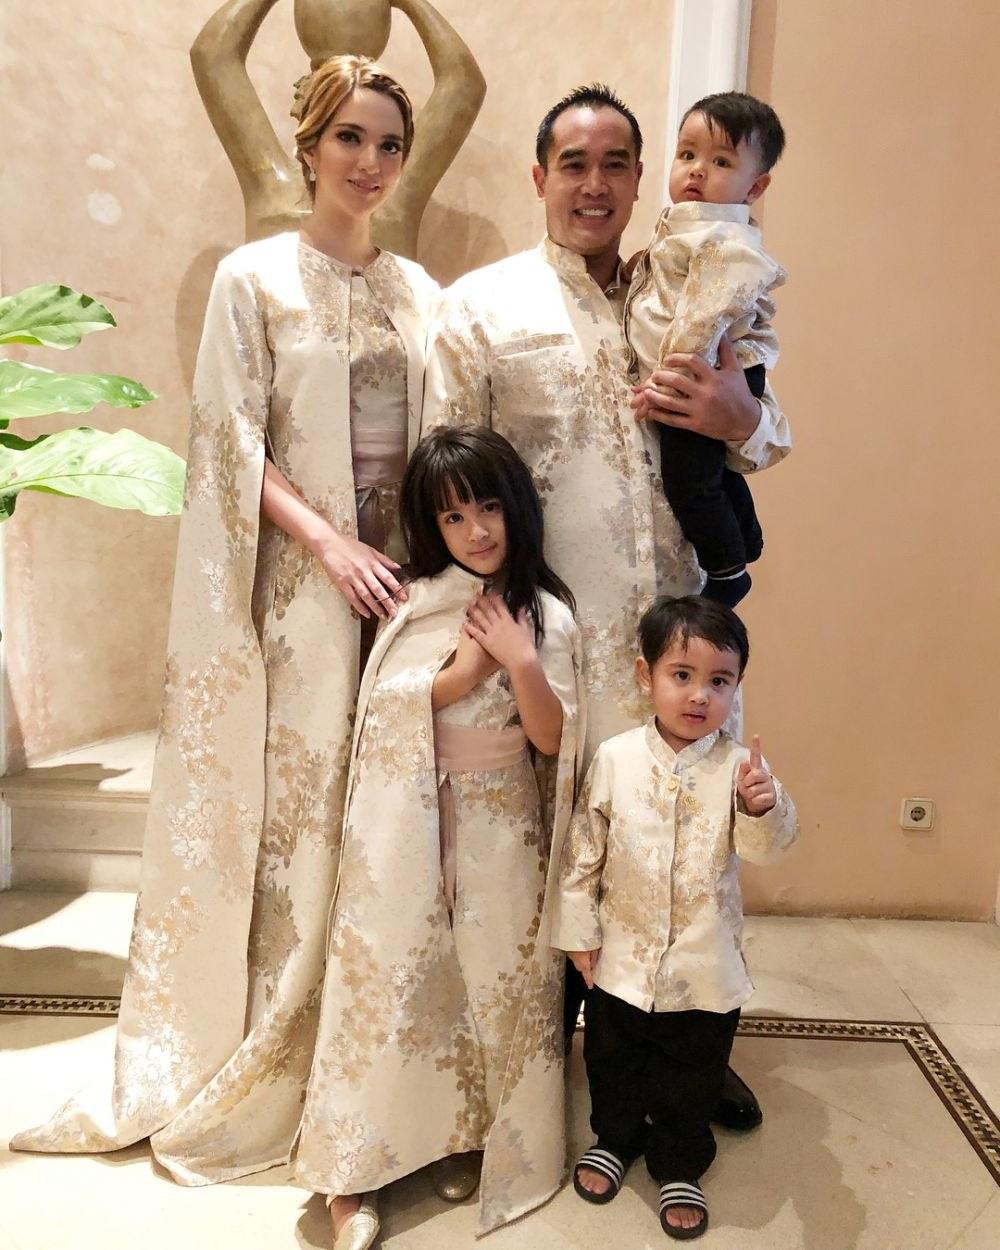 Model Baju Lebaran Keluarga Batik 87dx Potret 16 Seleb Pakai Baju Kembaran Saat Lebaran Kompak Abis